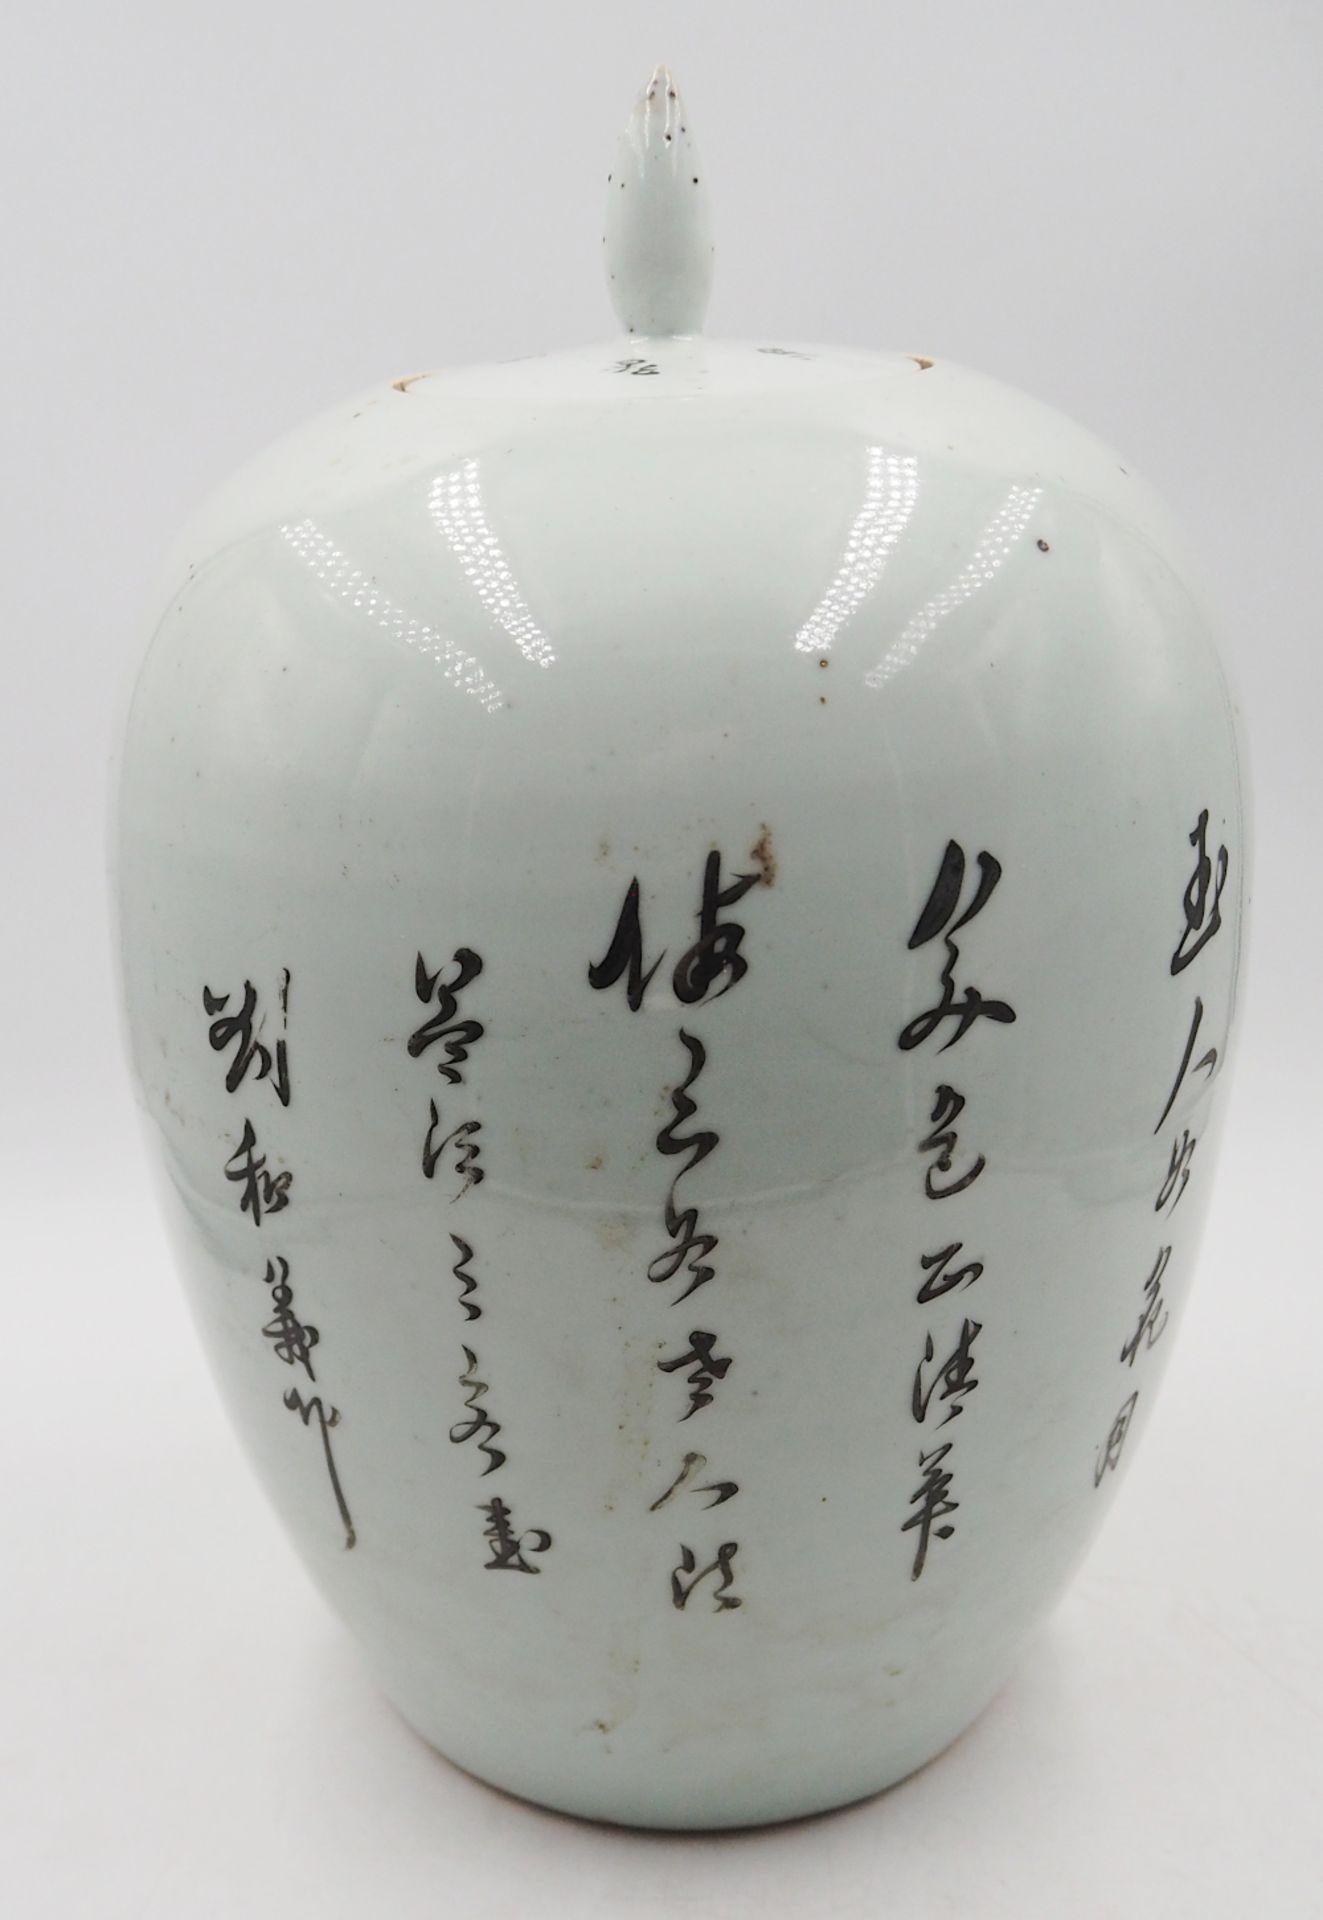 """1 Deckelvase Porzellan beige-/hellgraugrundig, mit japanischem Dekor """"Frauen beim Kirschblütenf - Bild 3 aus 6"""